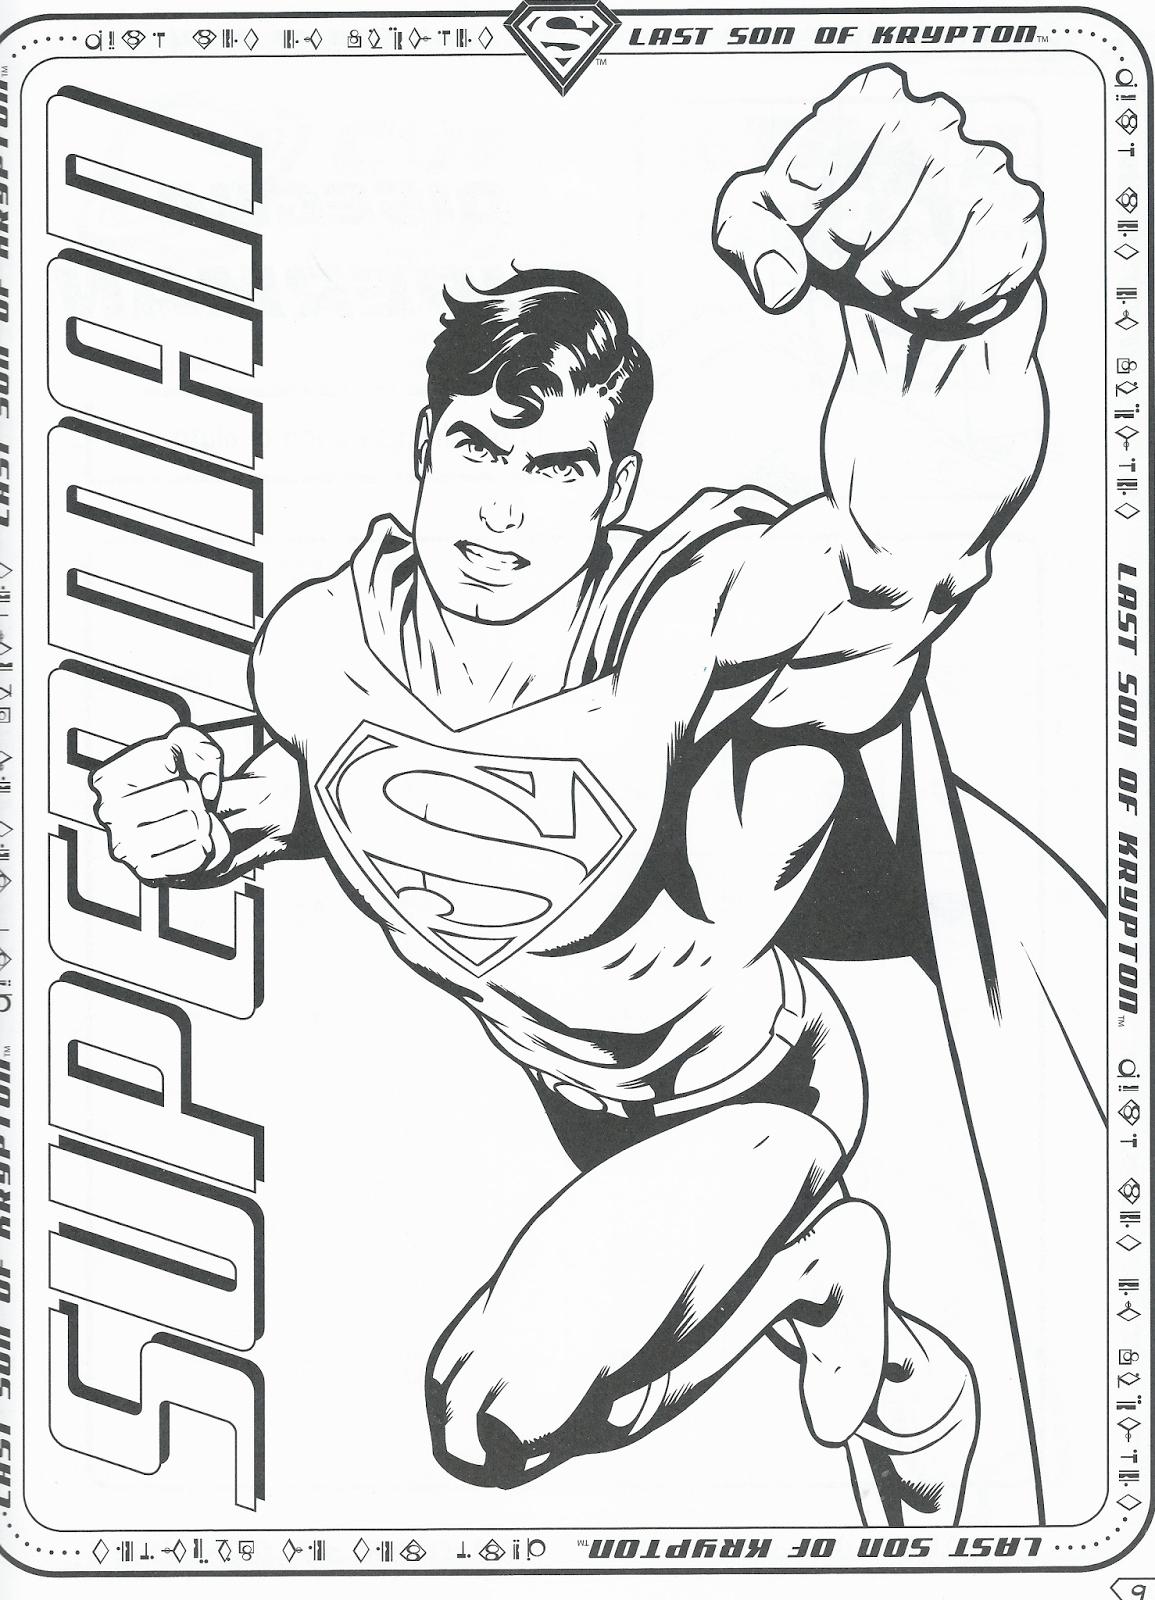 Disegni da colorare superman disegni da colorare for Disegni da colorare per adulti e ragazzi